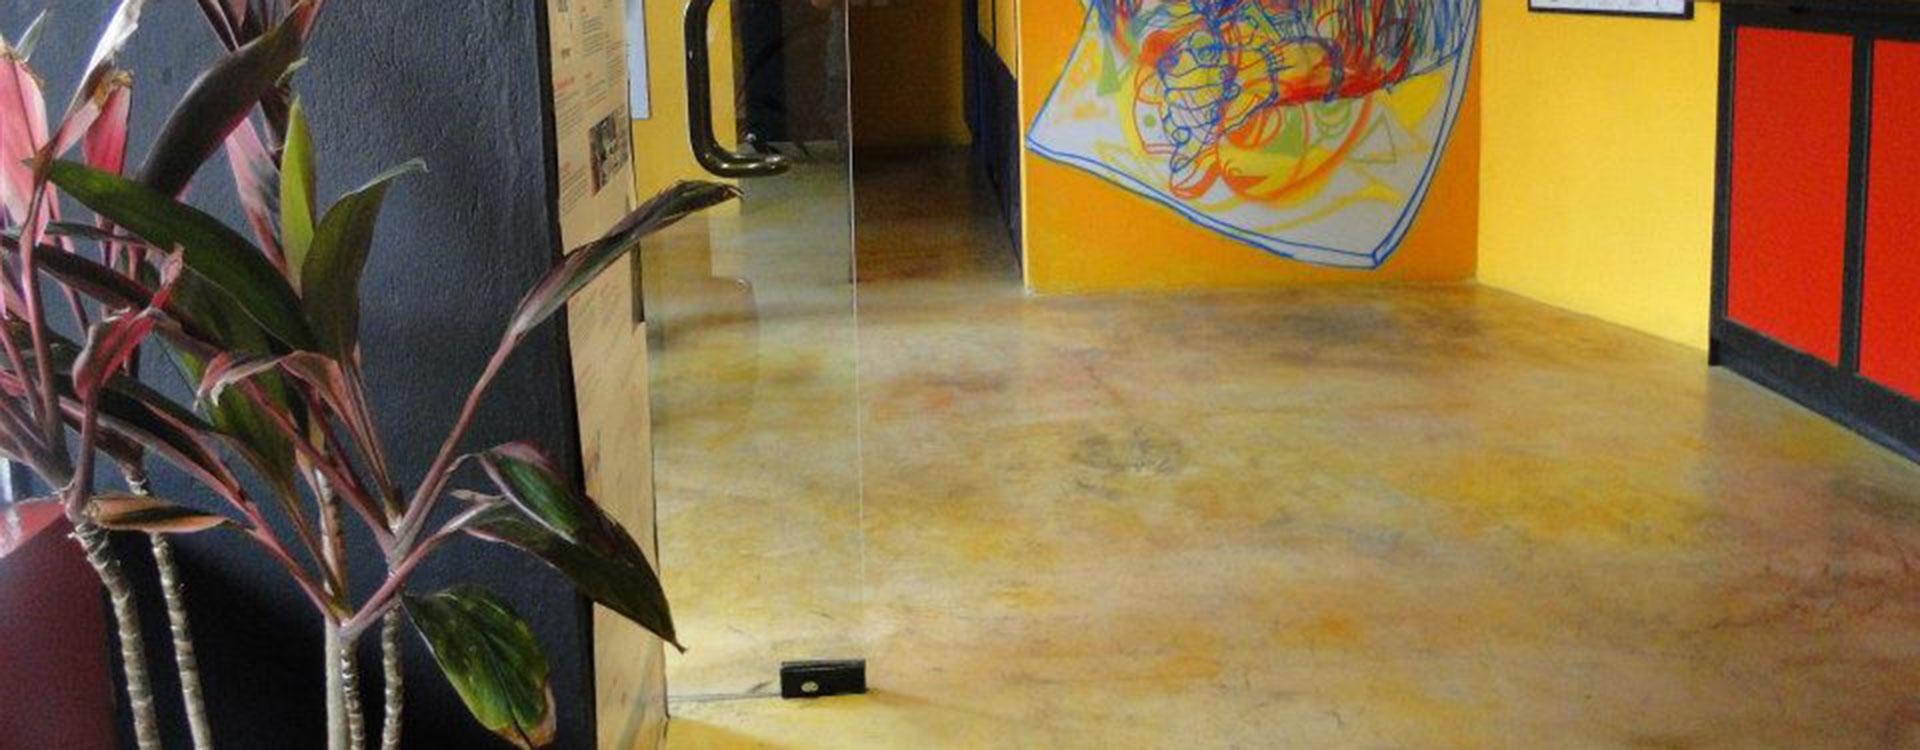 Pisos de concreto decorativo concretarte quito ecuador - Cemento decorativo para paredes ...